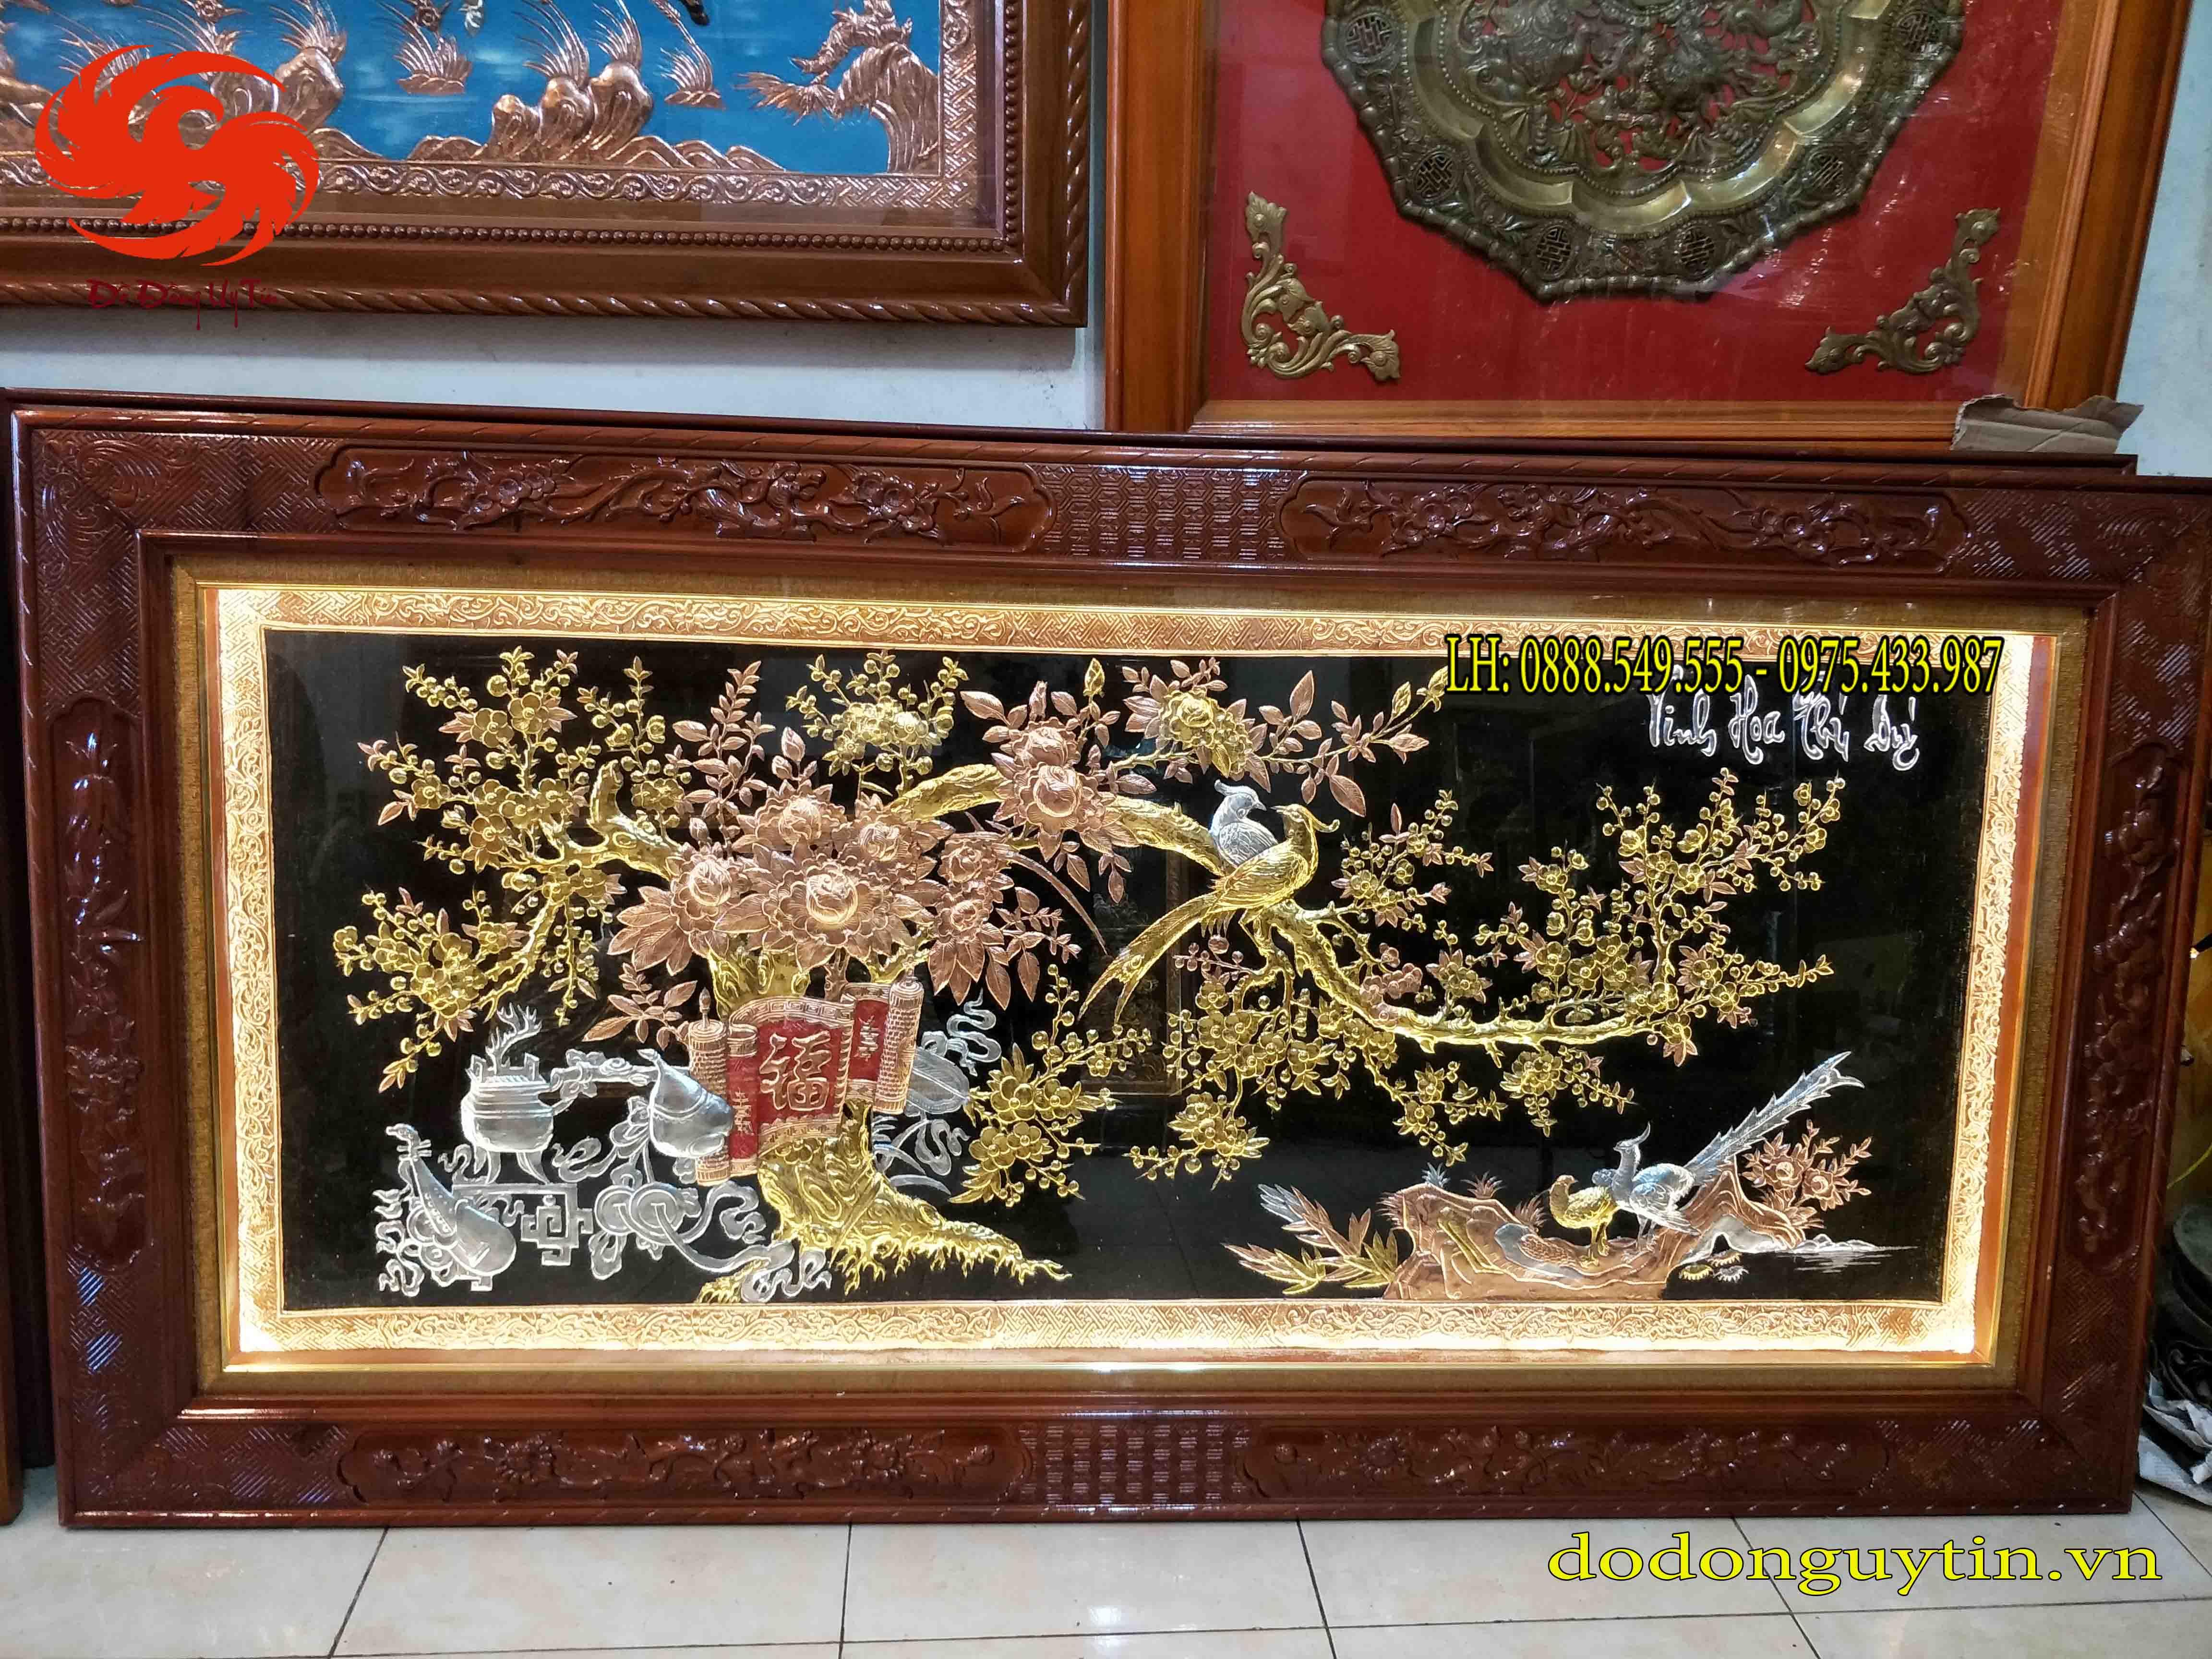 Tranh đồng Vinh hoa phú quý đồng đỏ nền đen - Đồ đồng Hoài Ánh